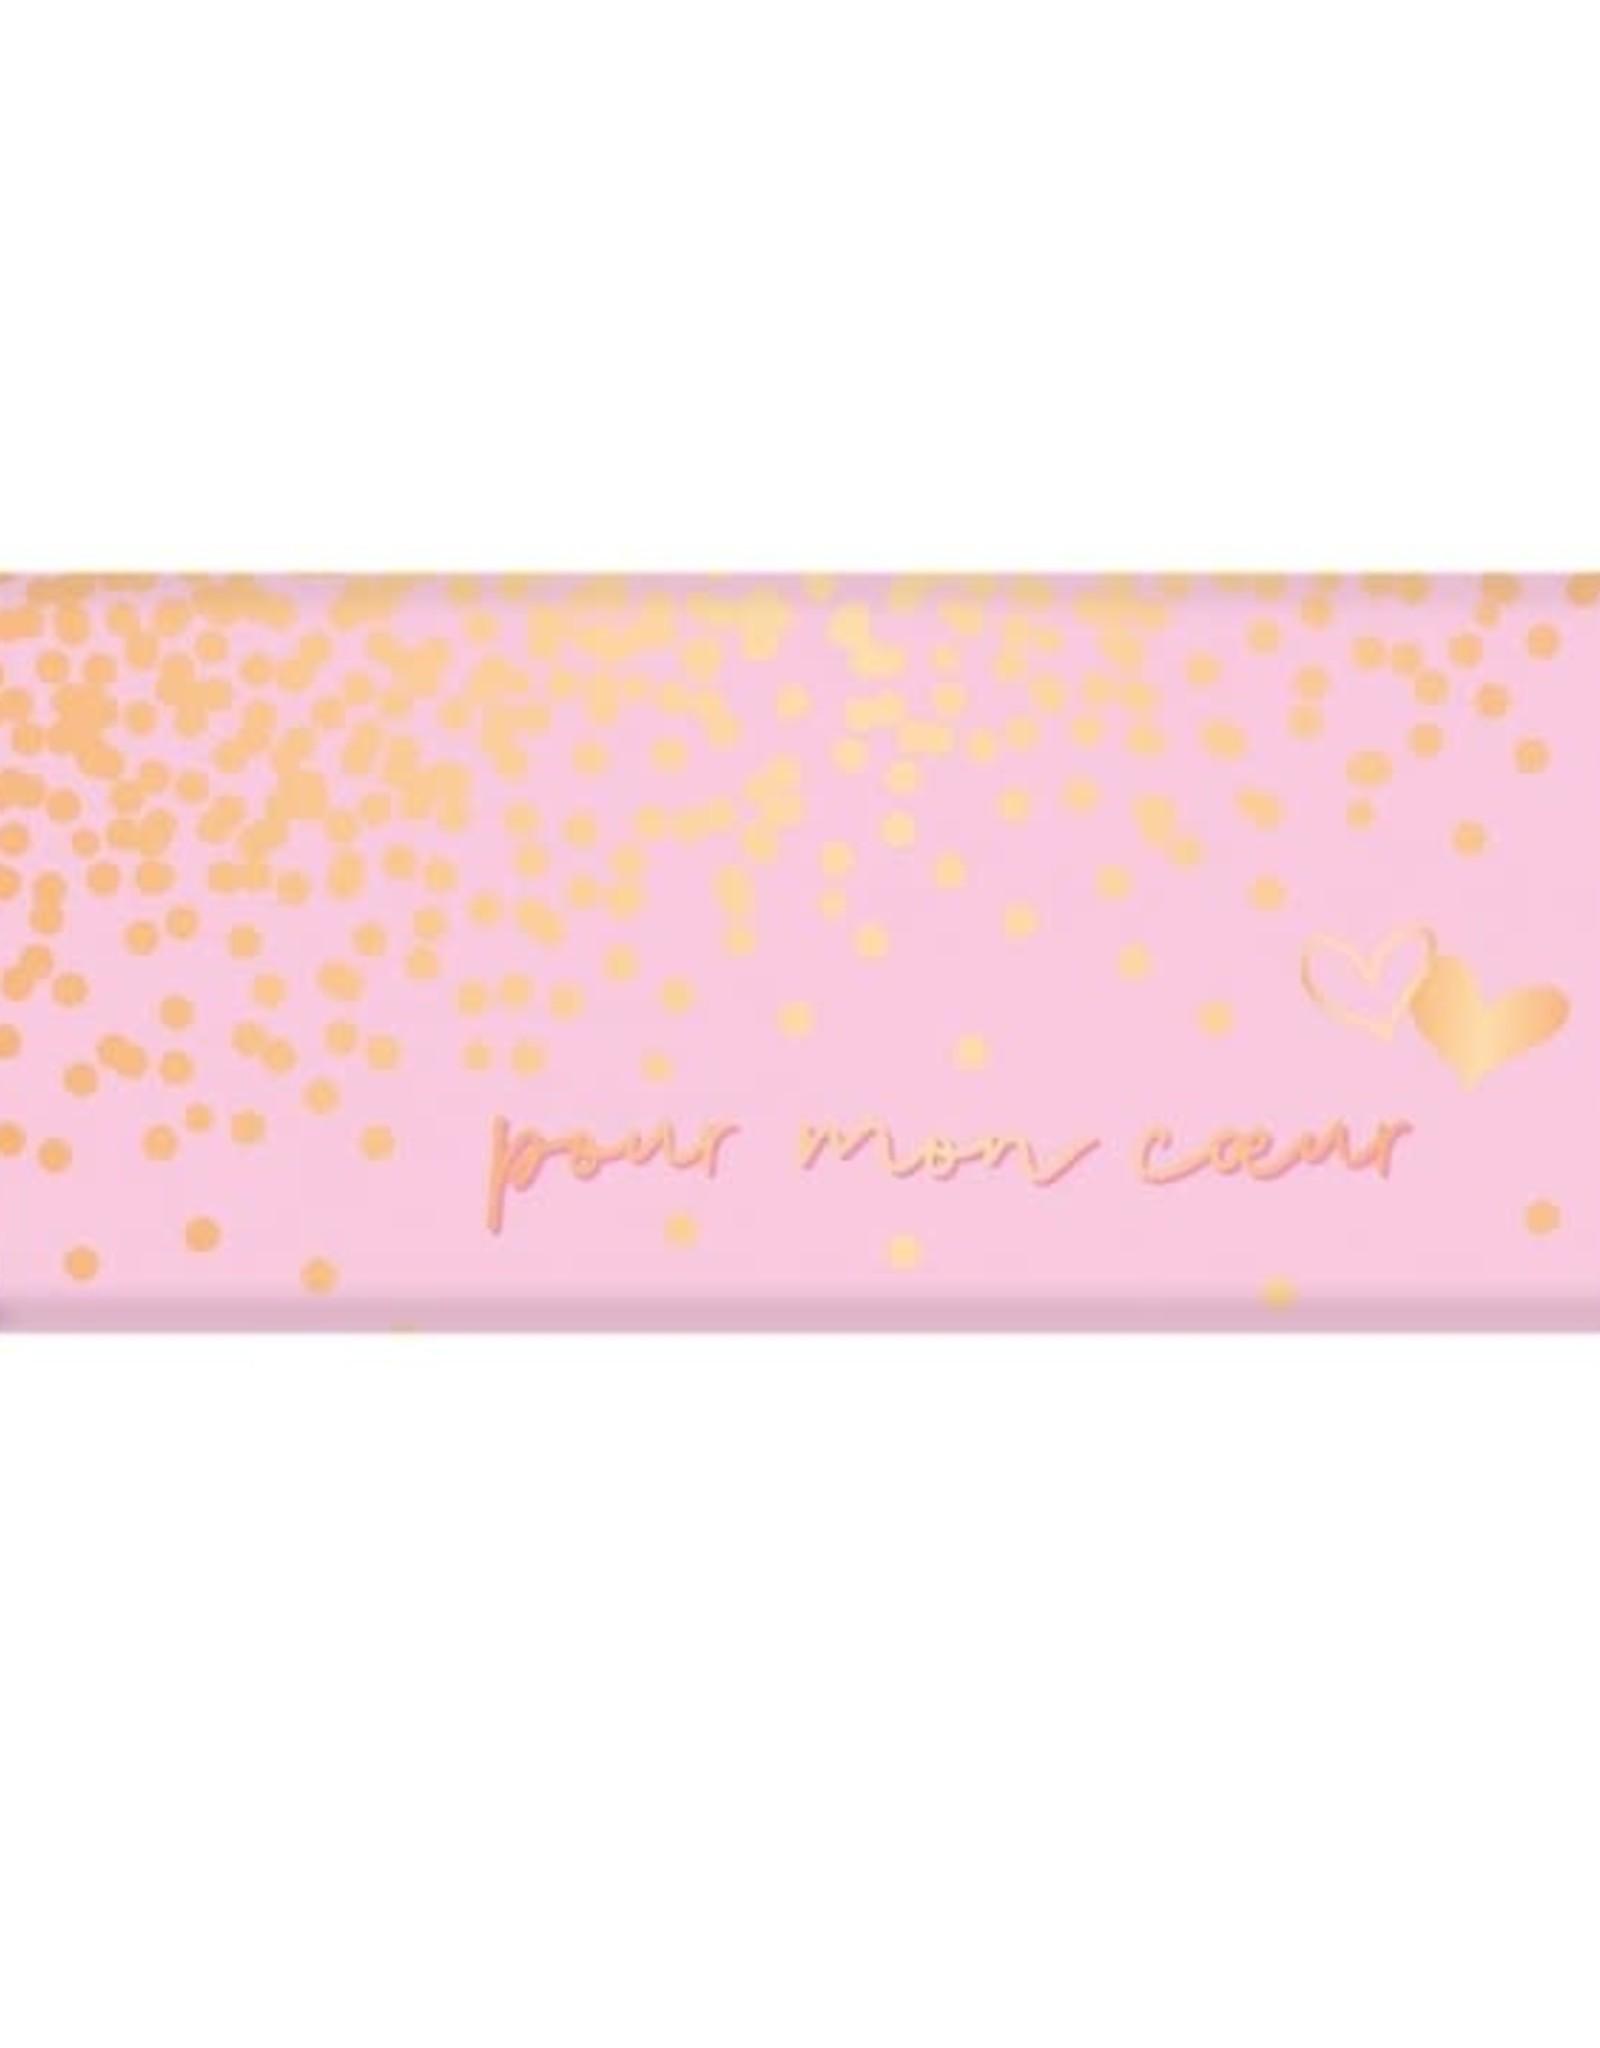 Barre de chocolat - Pour mon coeur